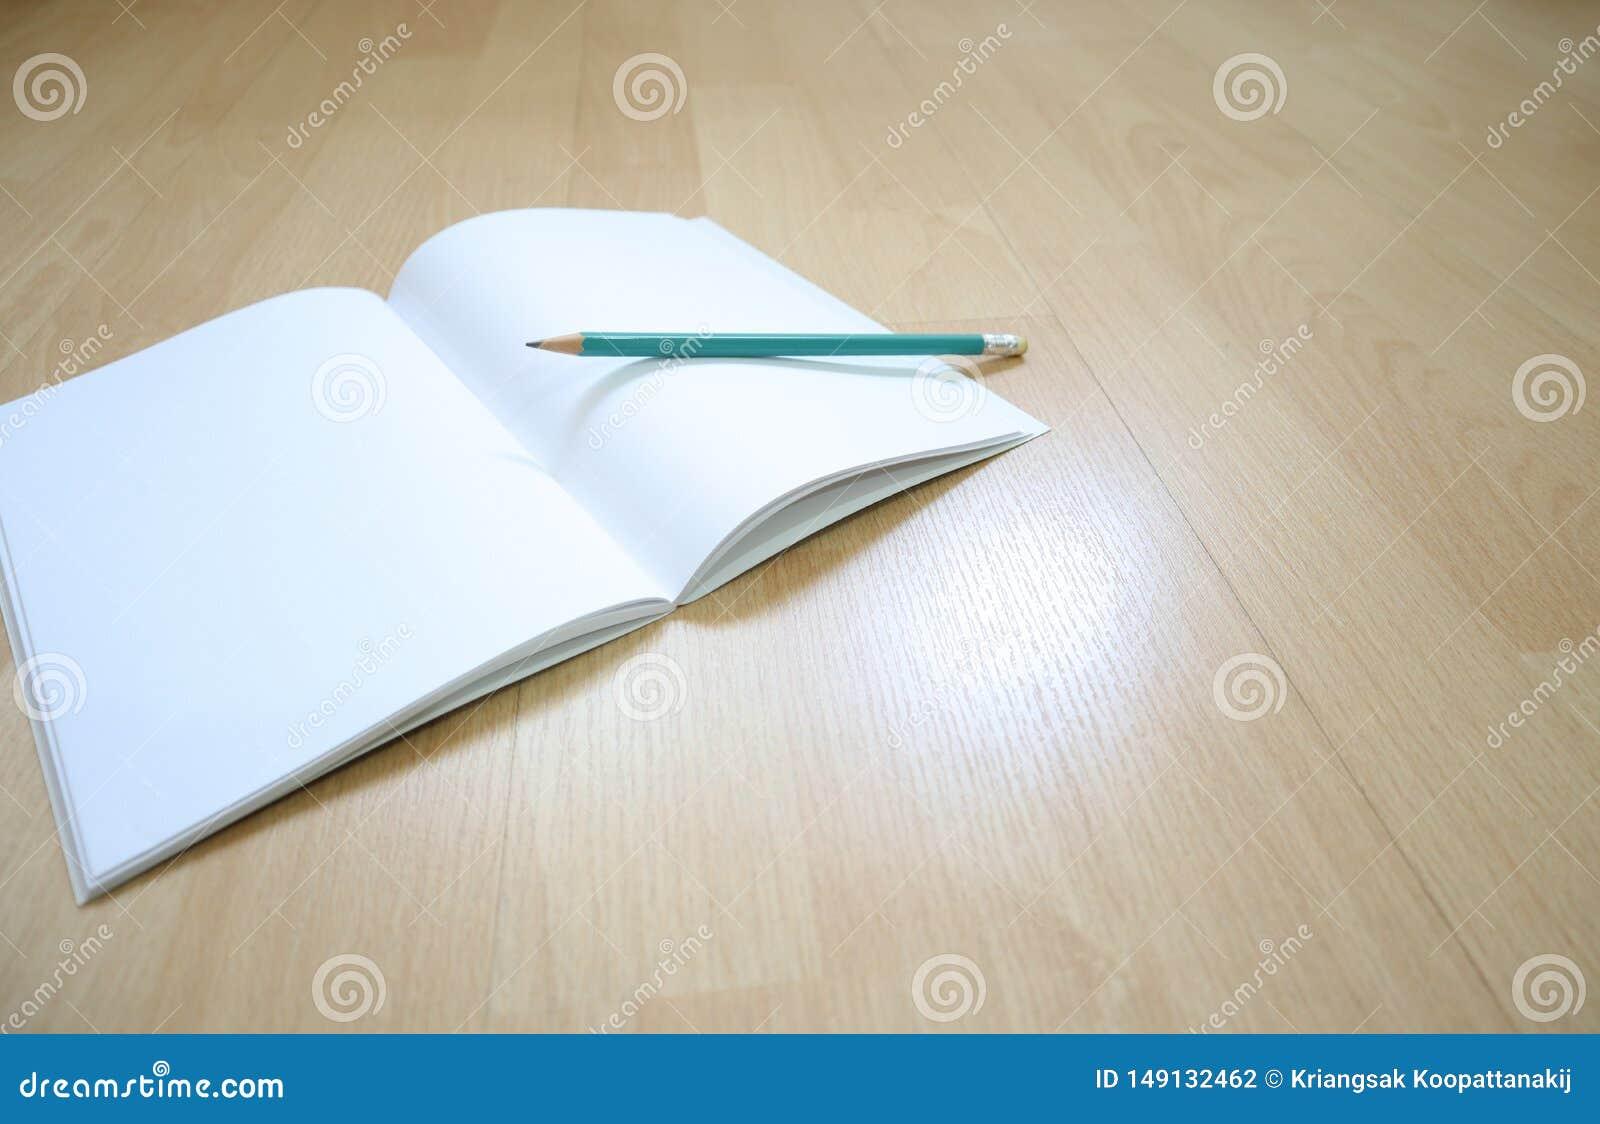 笔记本和铅笔在木地板上